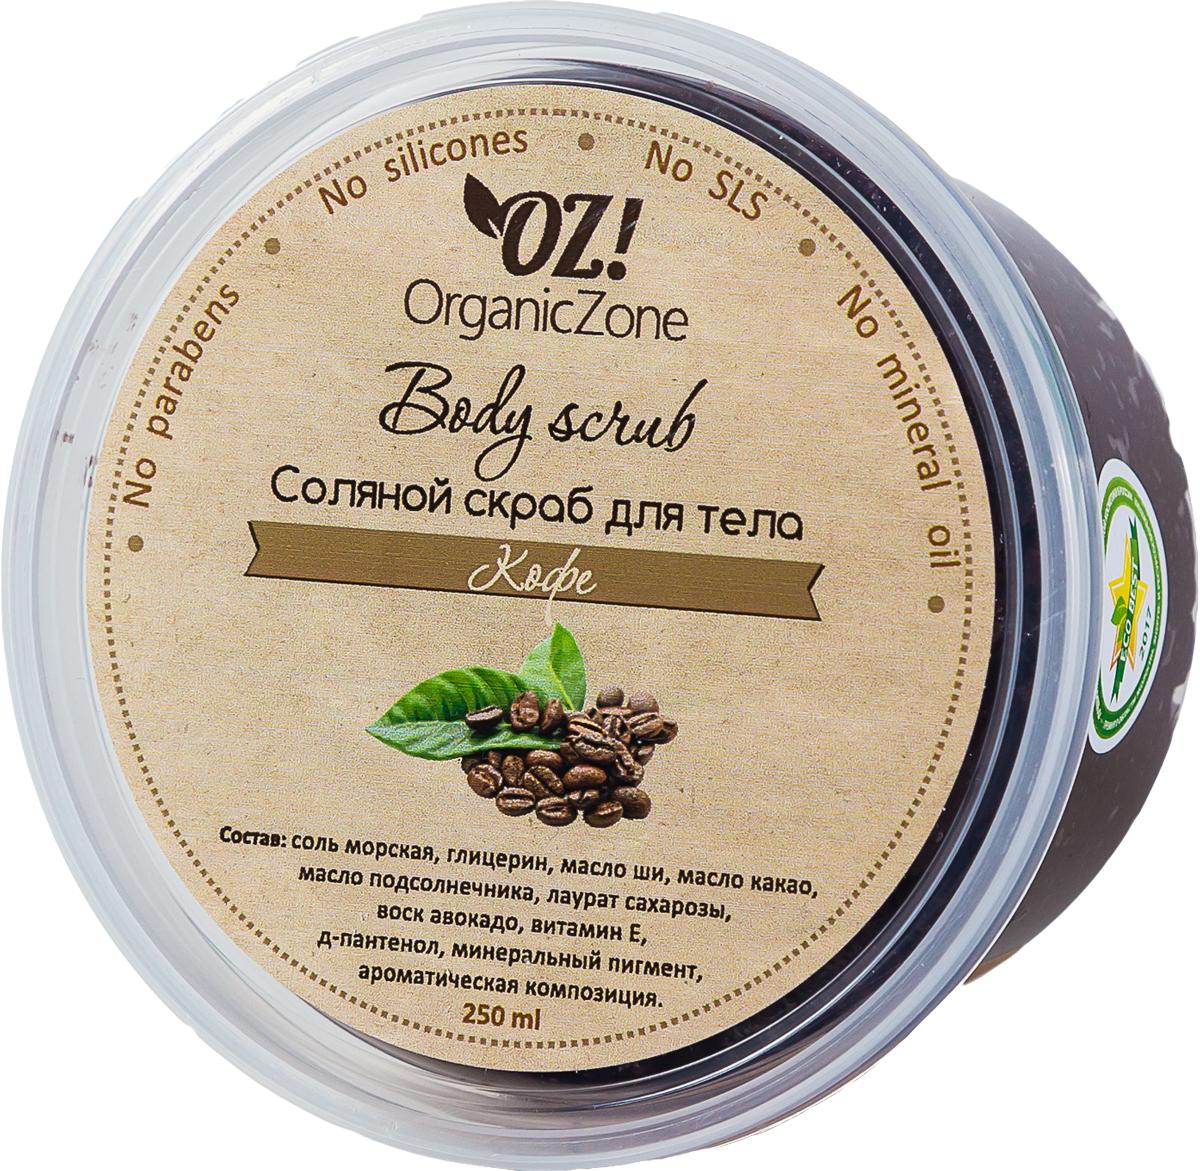 OrganicZone Cоляной скраб для тела Кофе, 250 мл4626018133842Скраб для тела Кофе удаляет омертвевшие клетки и стимулирует клеточную активность, тонизирует и разглаживает кожу.